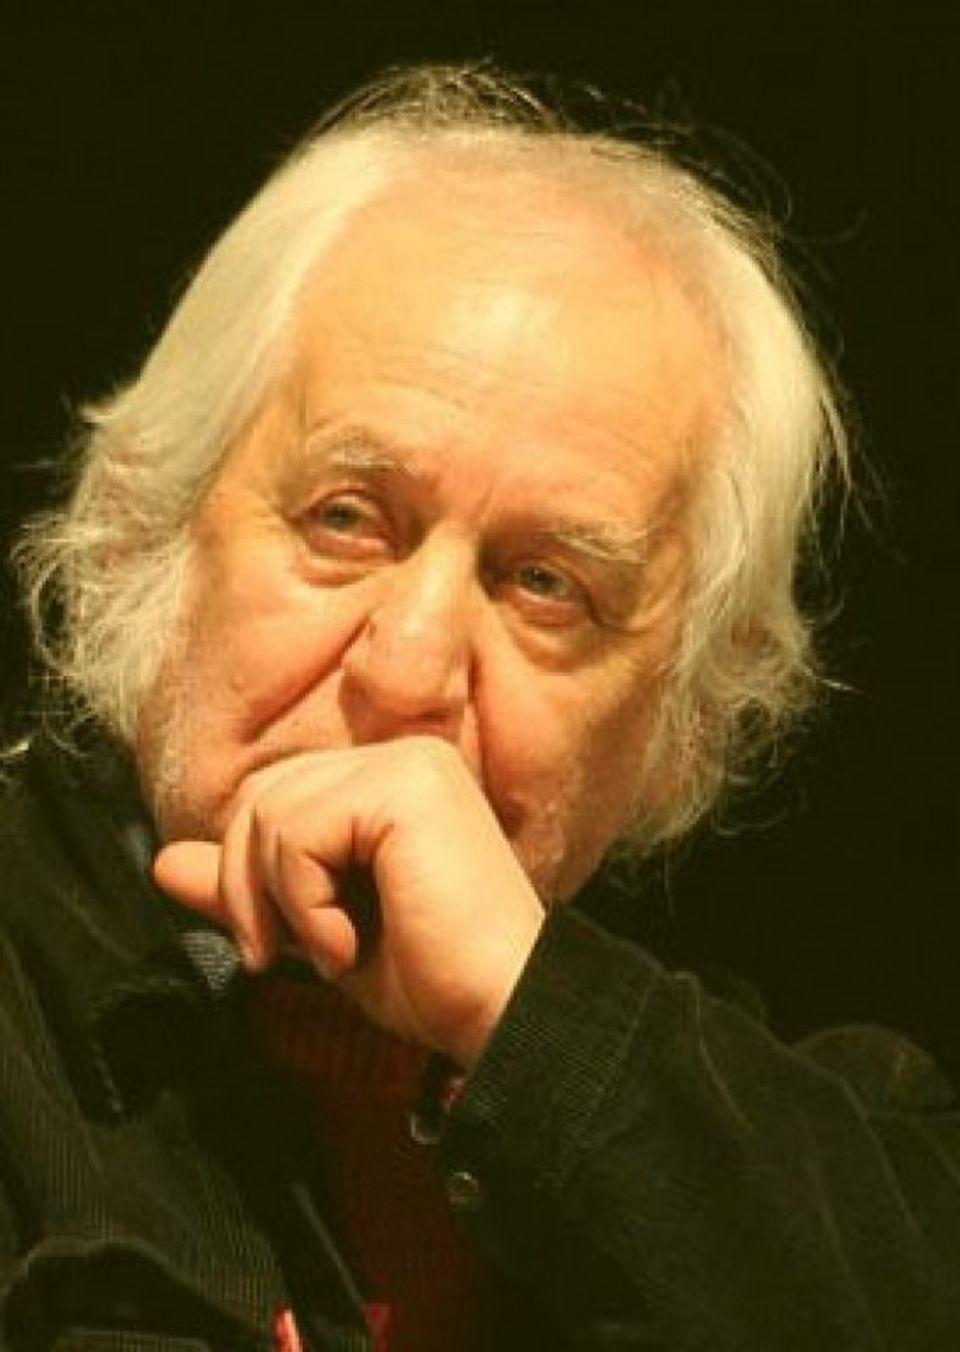 Doliu în România! A murit un cunoscut poet contemporan